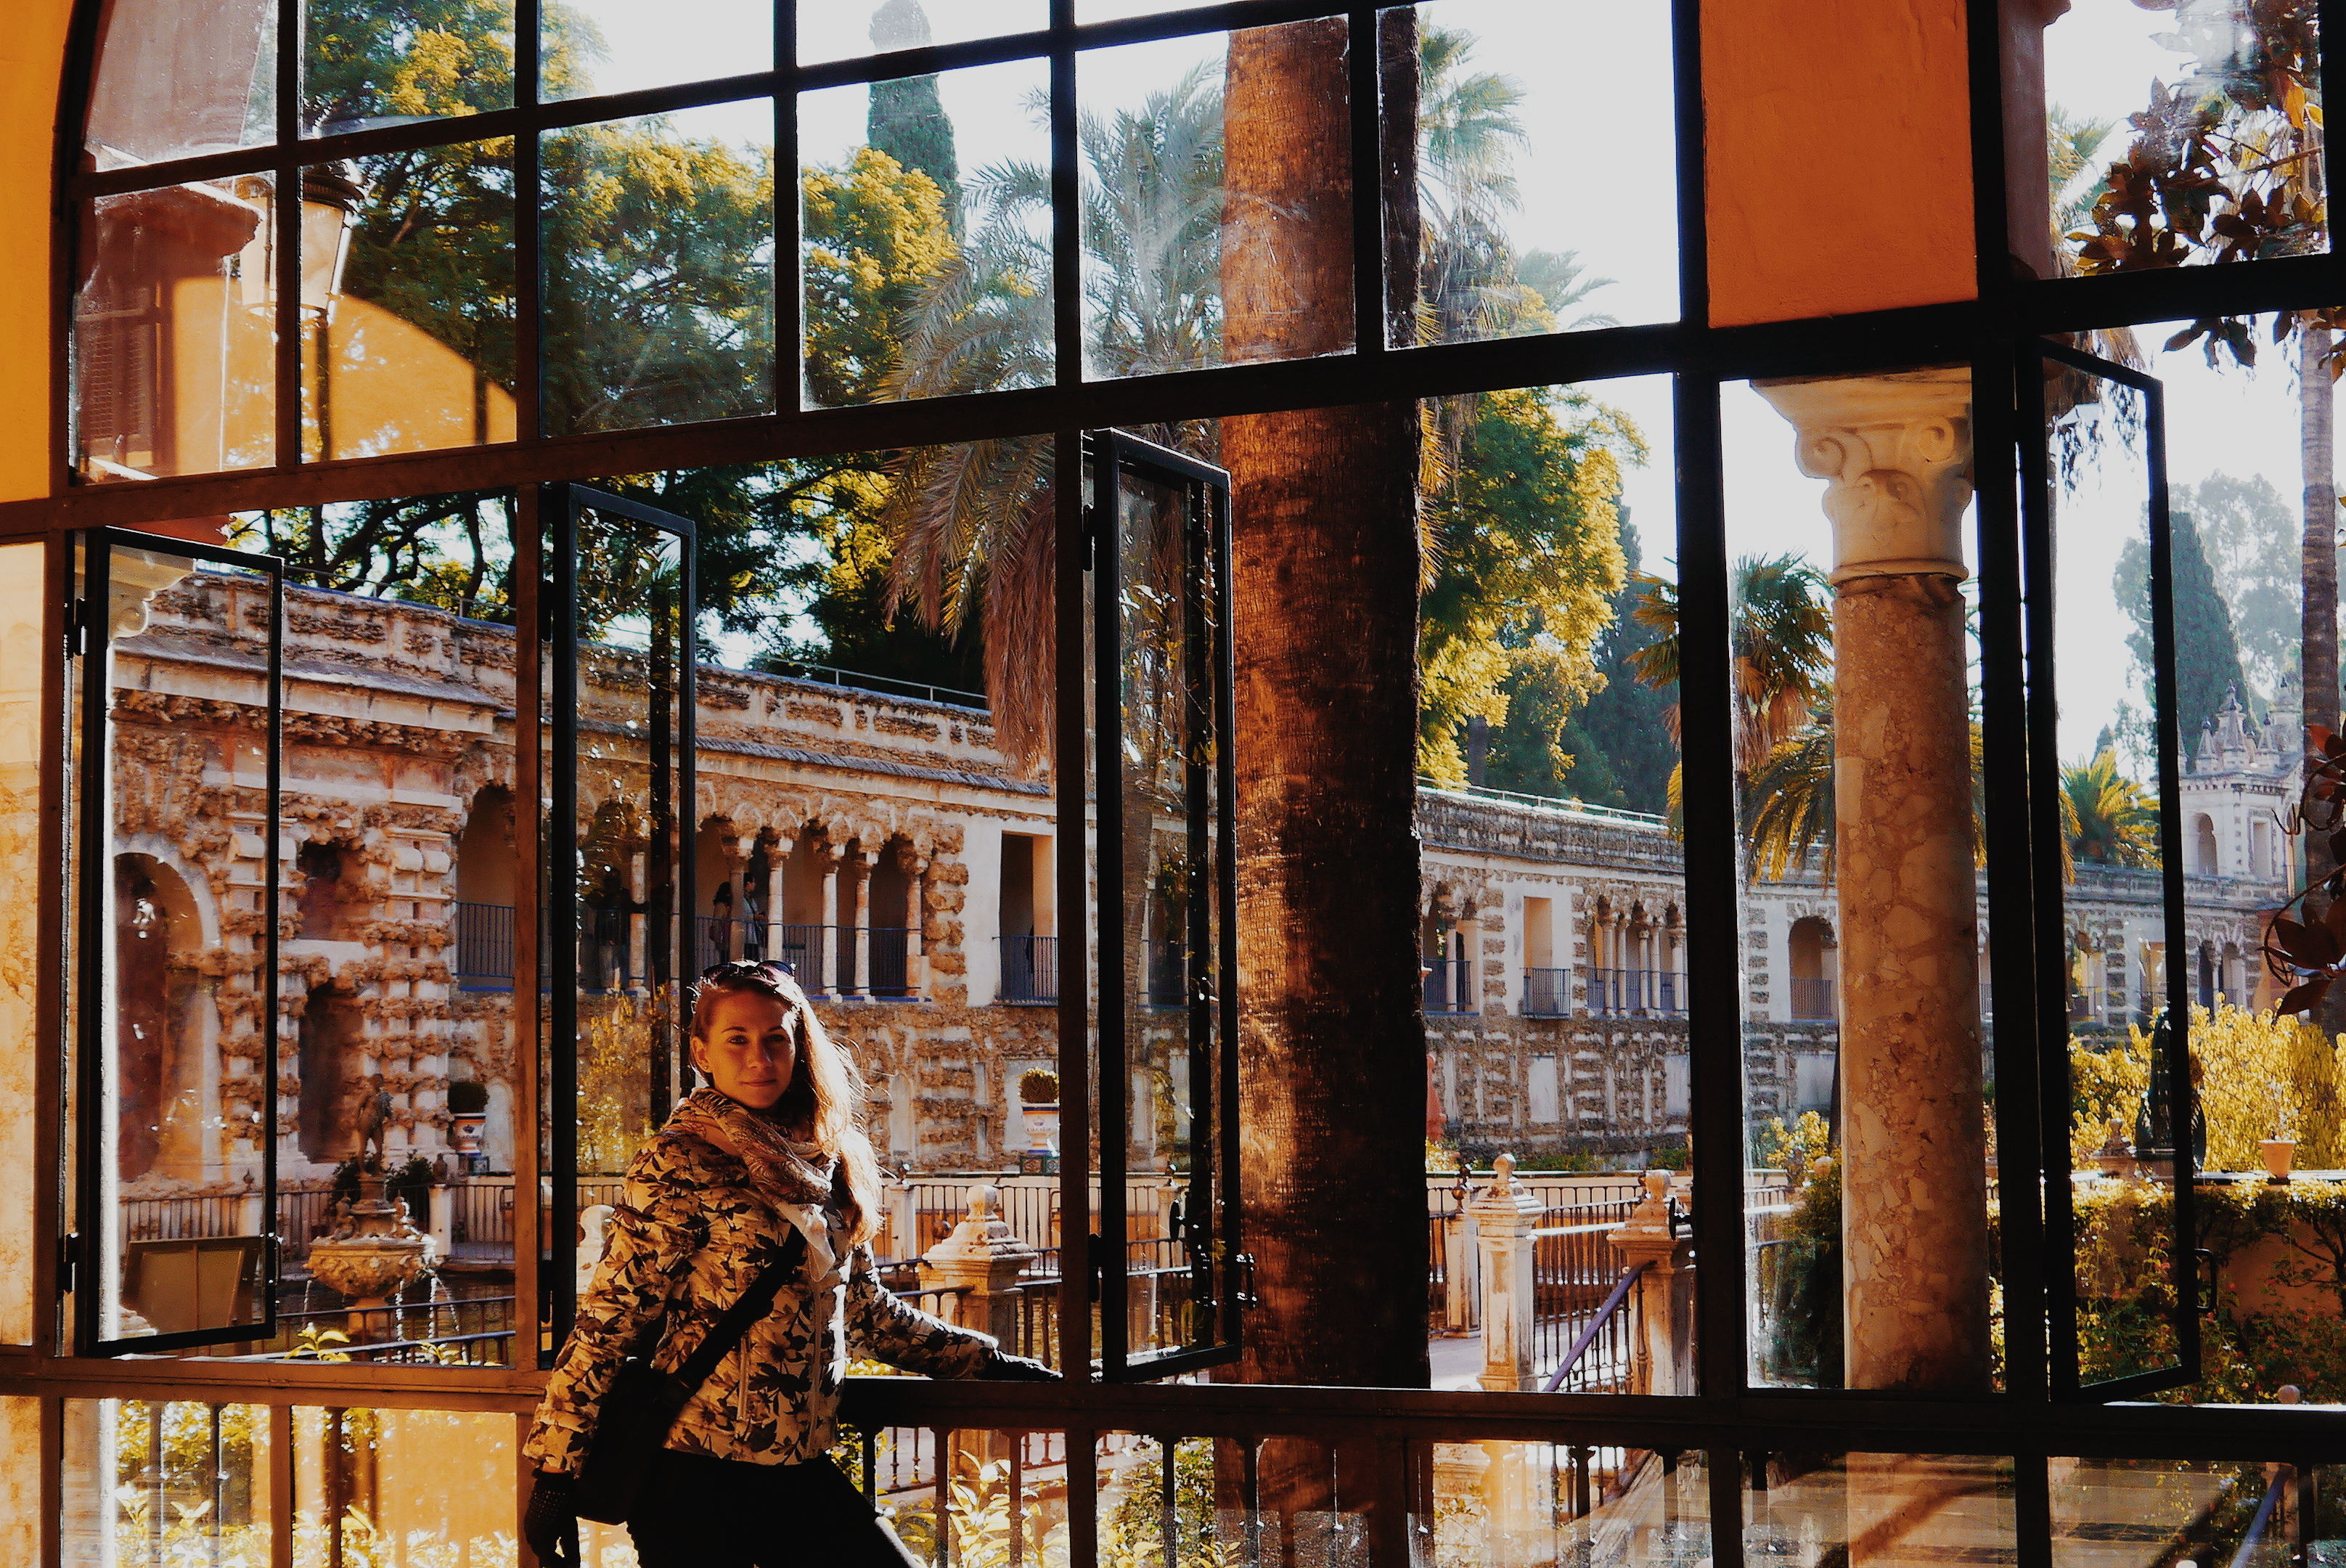 Spacerem po Sewilli – co warto zobaczyć w stolicy Andaluzji?